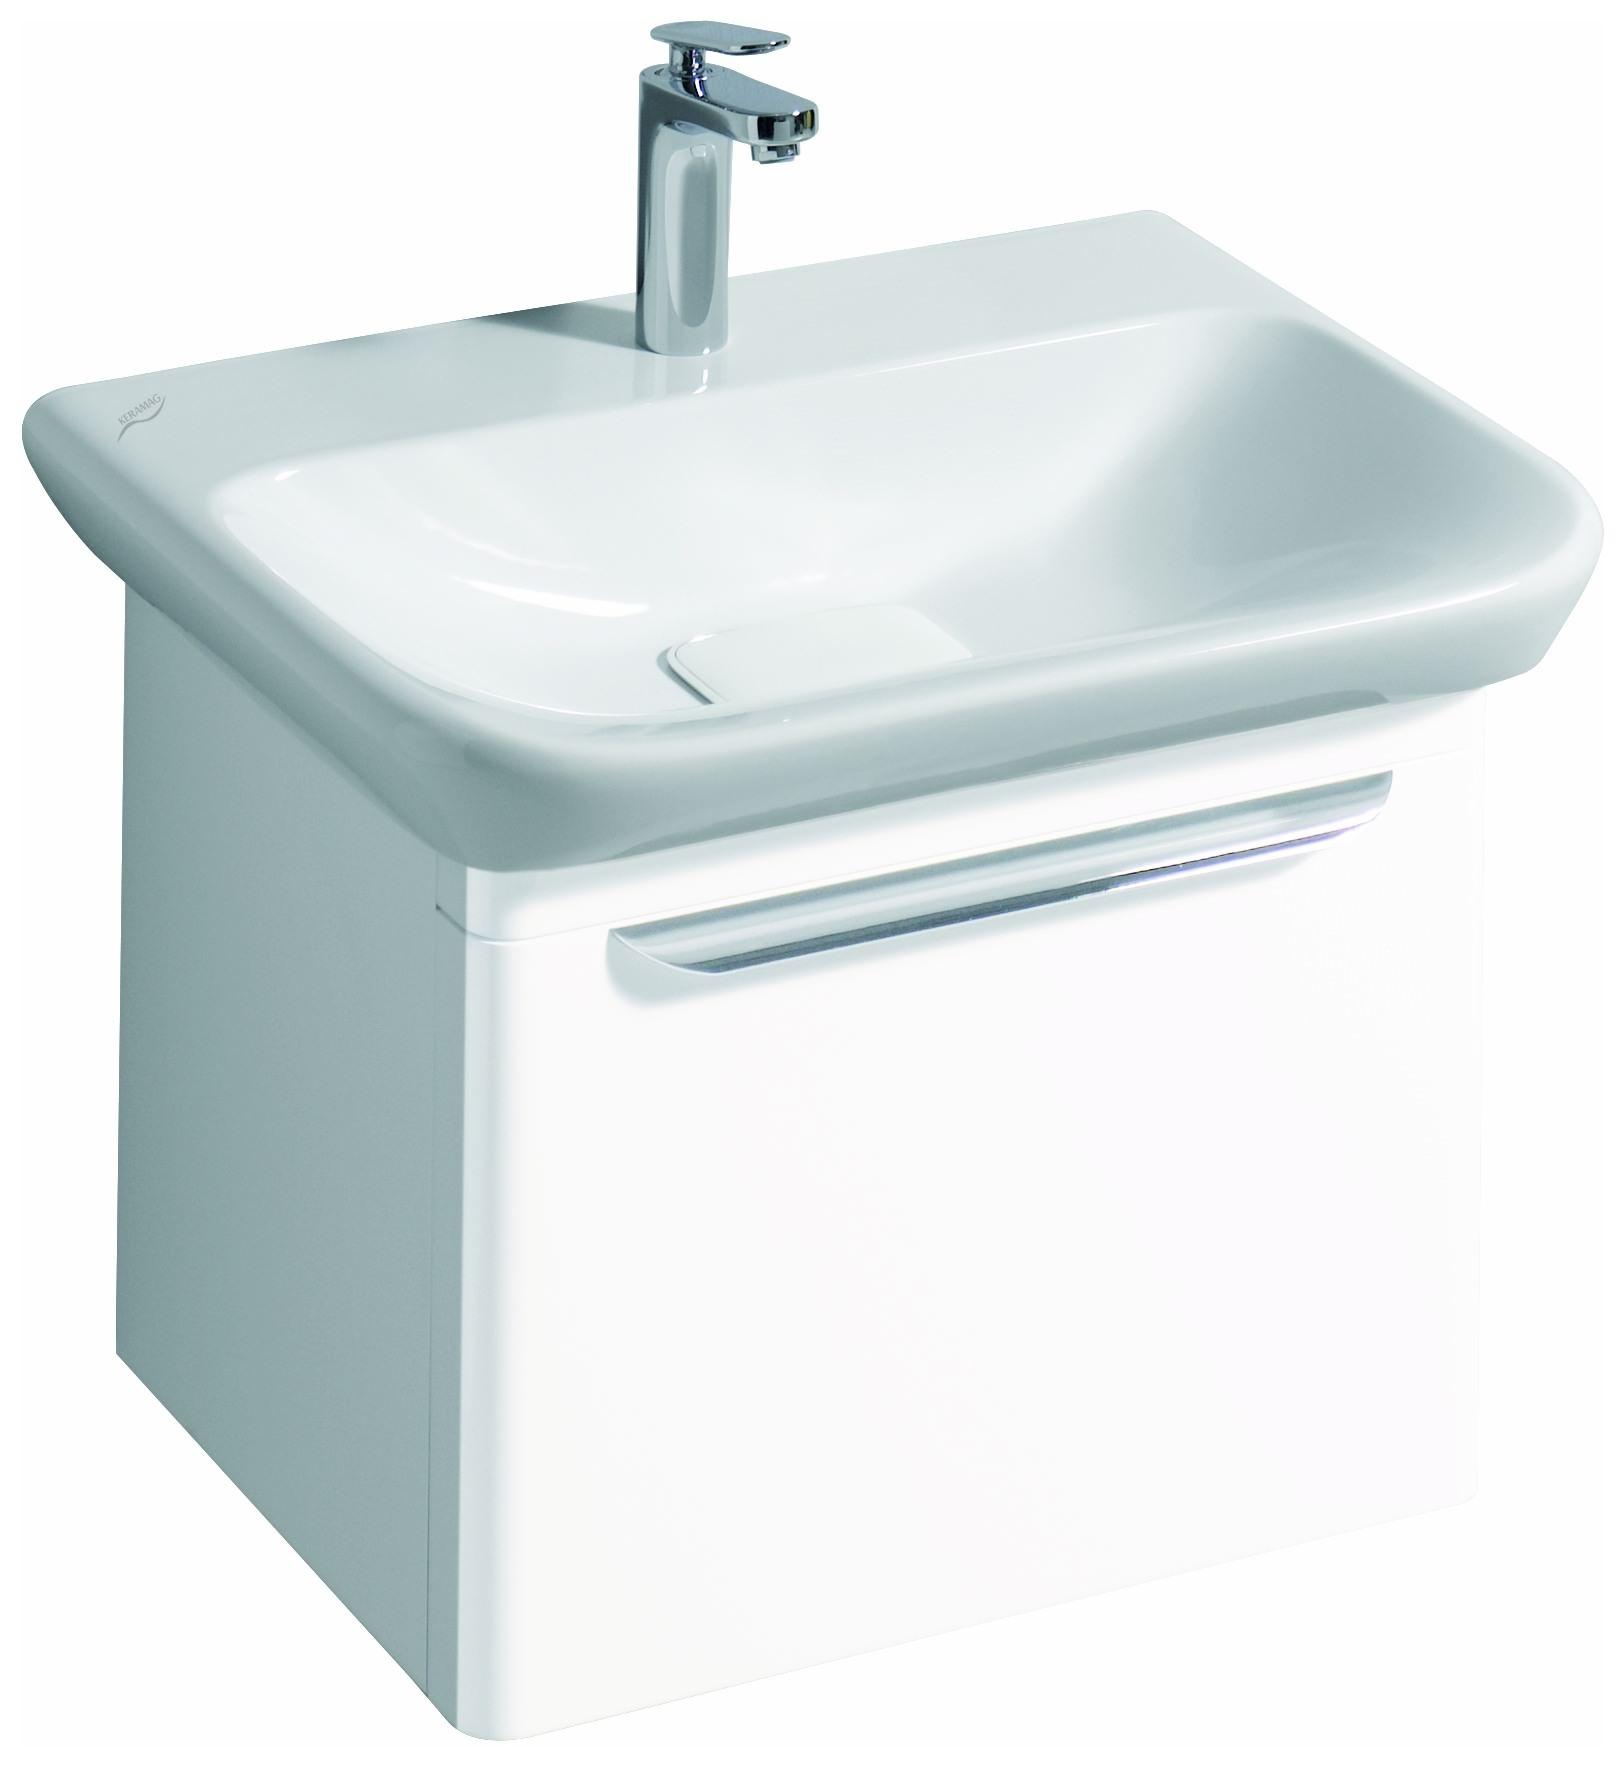 keramag myday waschtisch ohne berlauf 650mm x 135x480mm wei alpin keratect 125465600. Black Bedroom Furniture Sets. Home Design Ideas